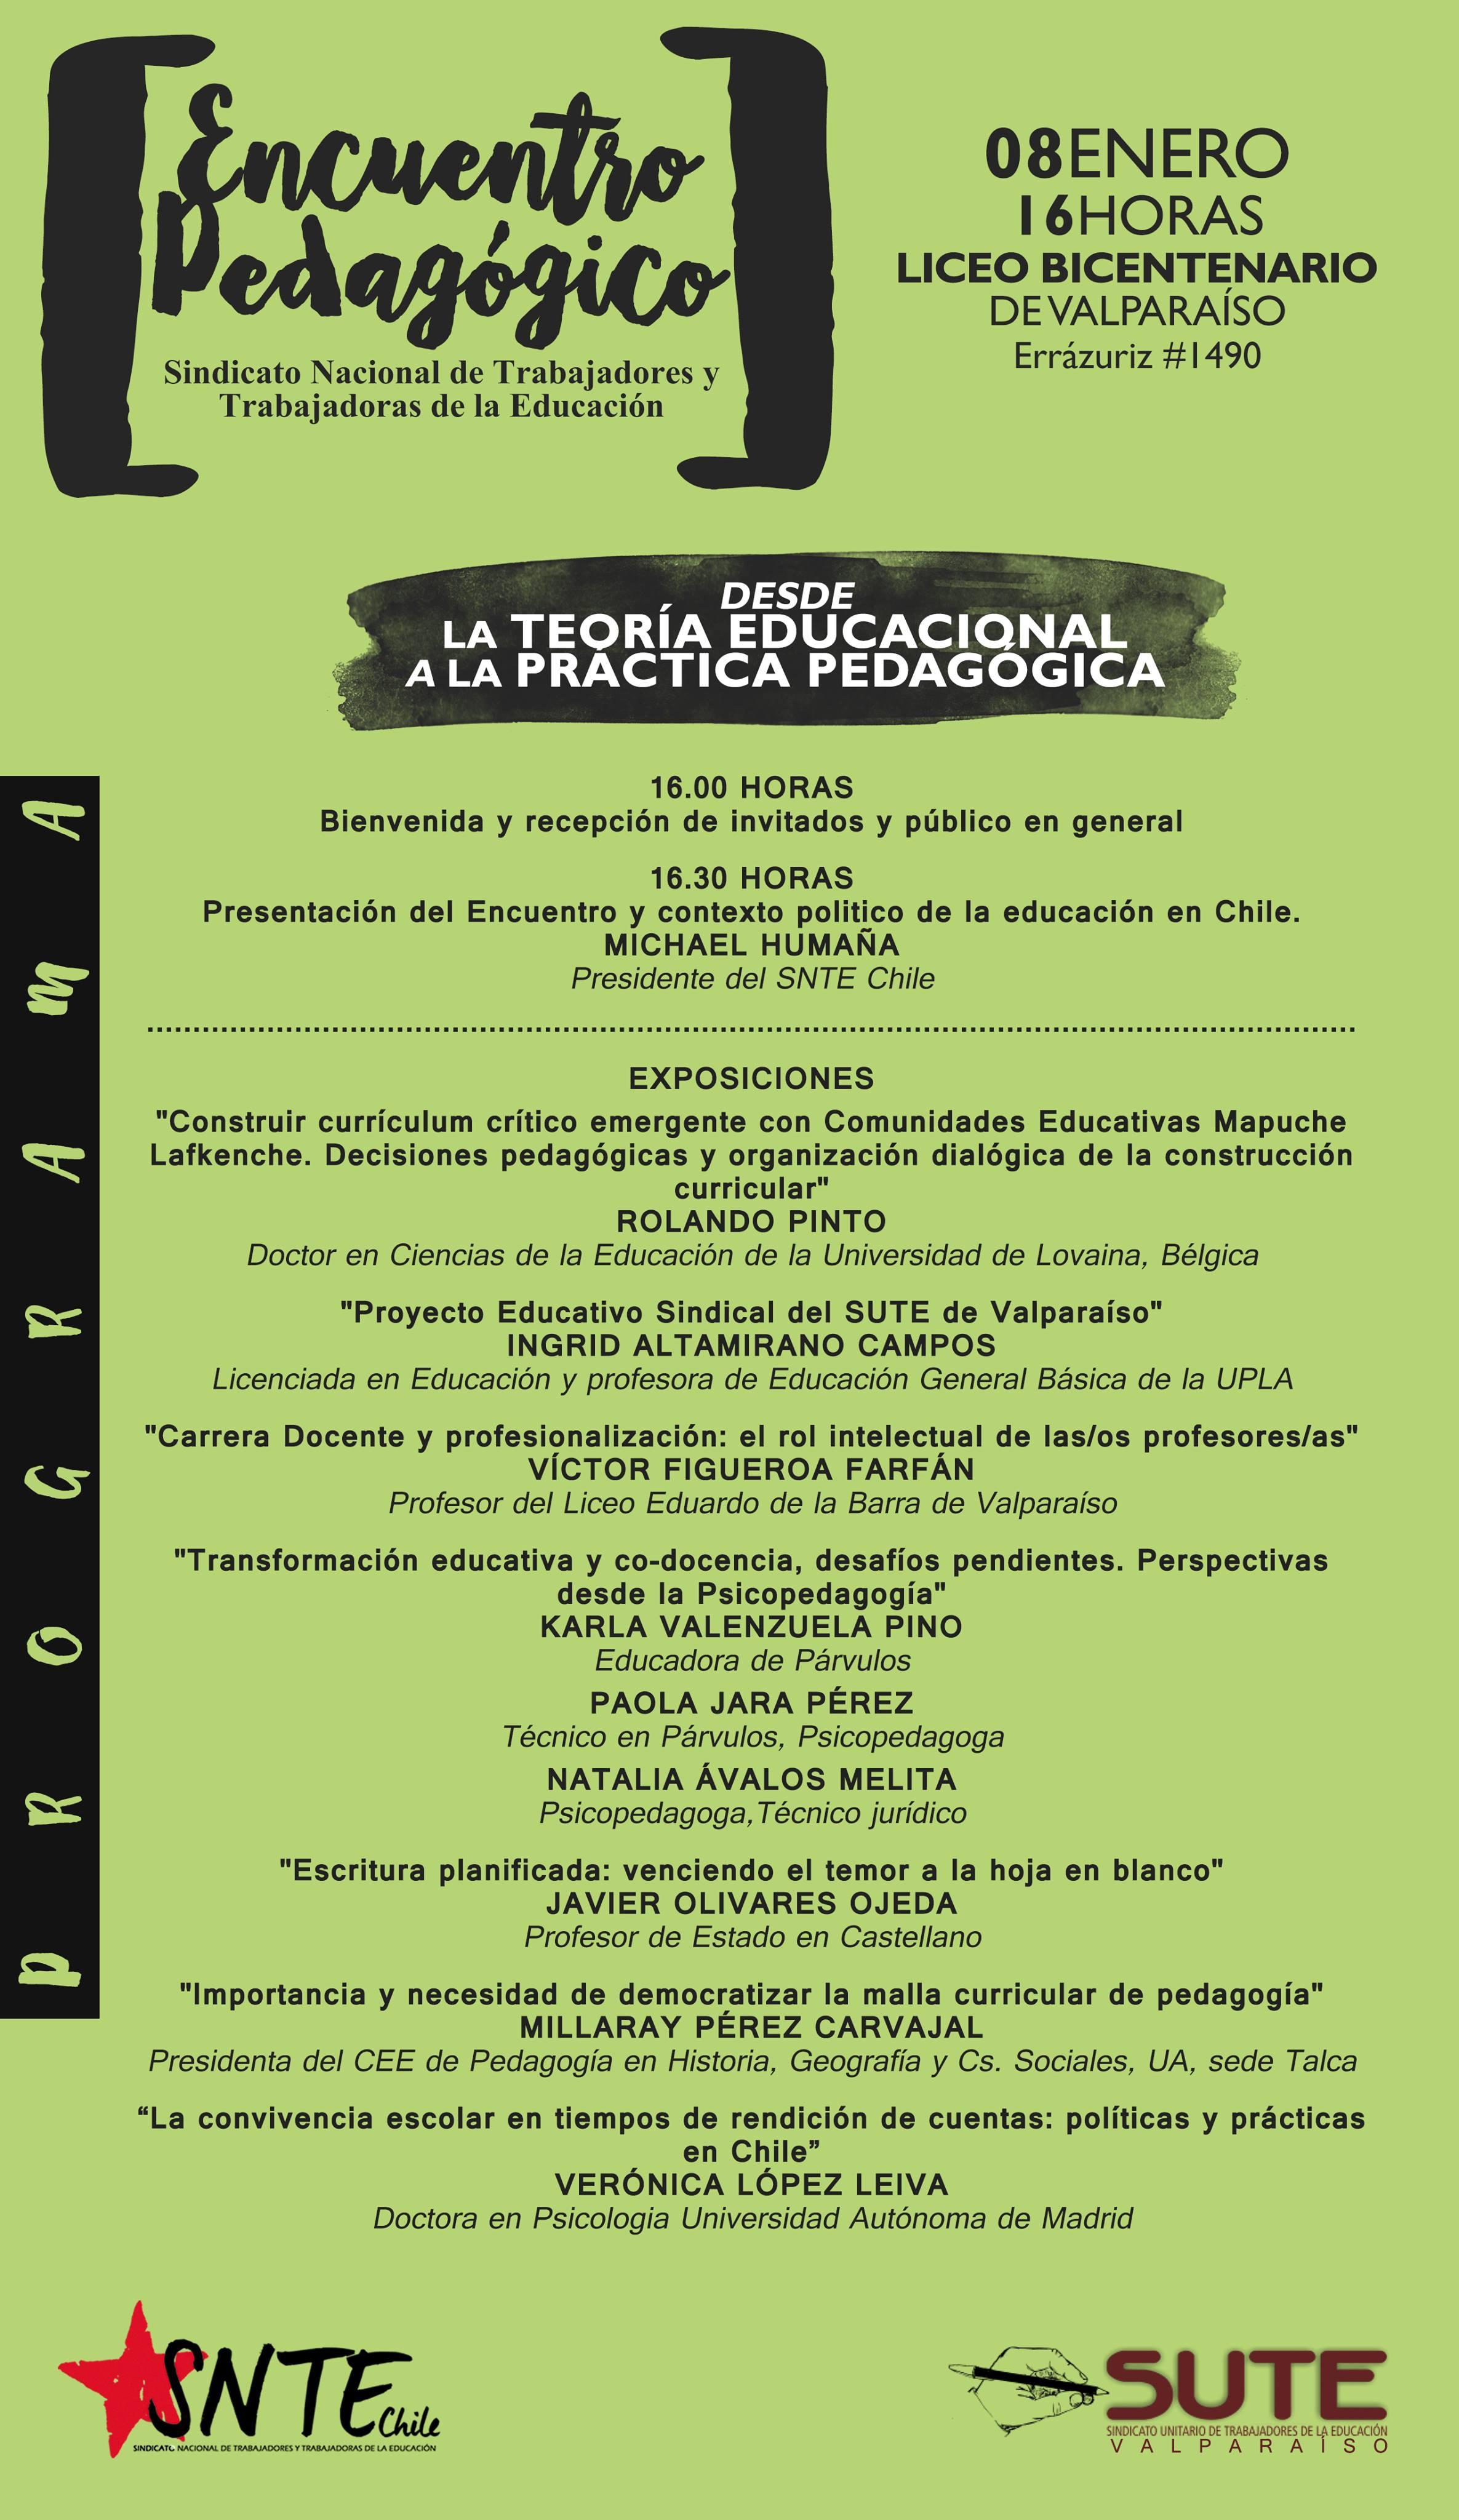 PROGRAMA ENCUENTRO PEDAGÓGICO: DESDE LA TEORIA EDUCACIONAL A LA ...